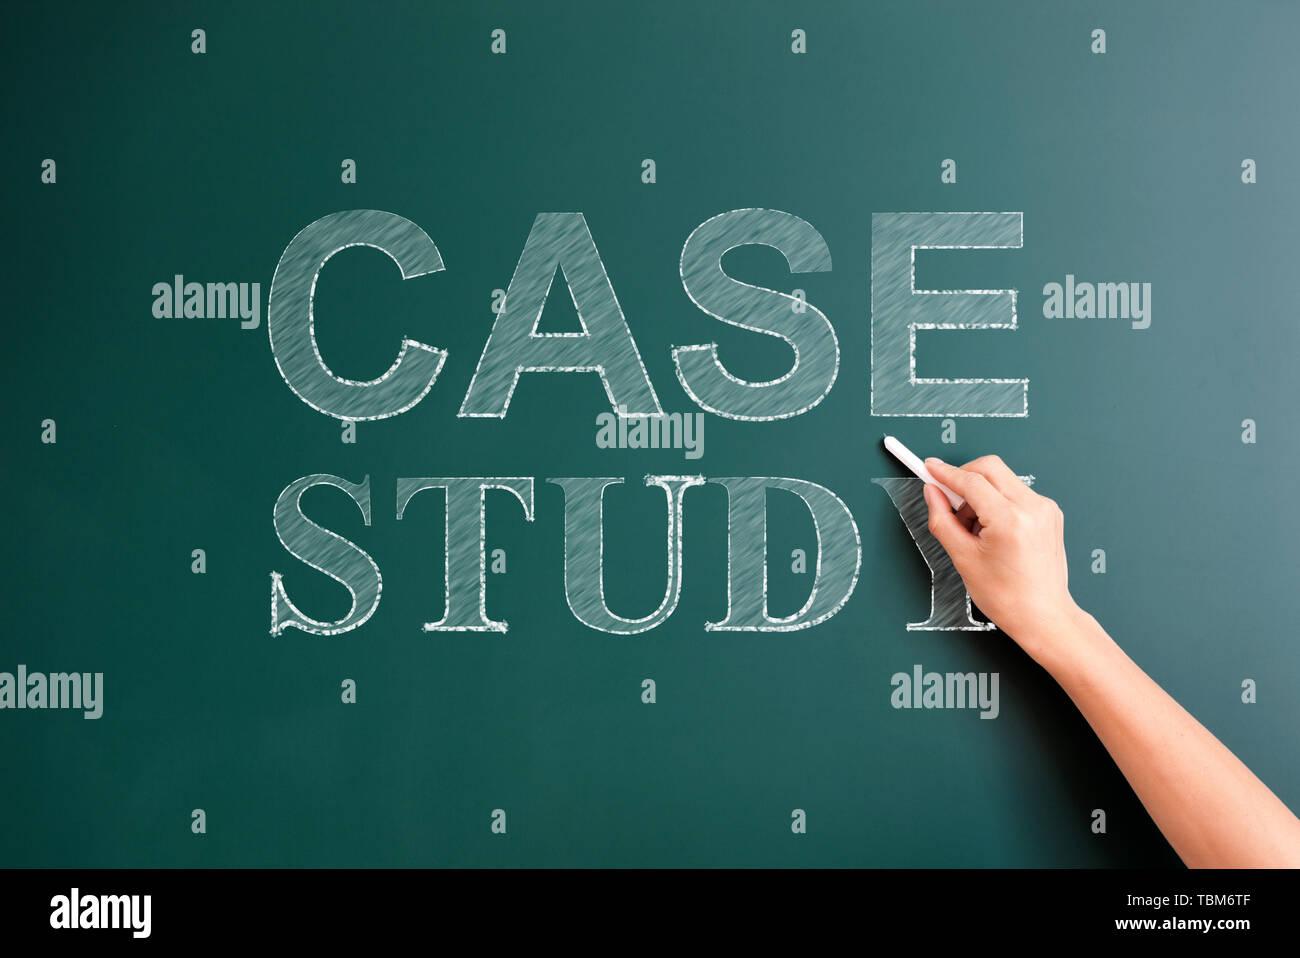 case study written on blackboard - Stock Image